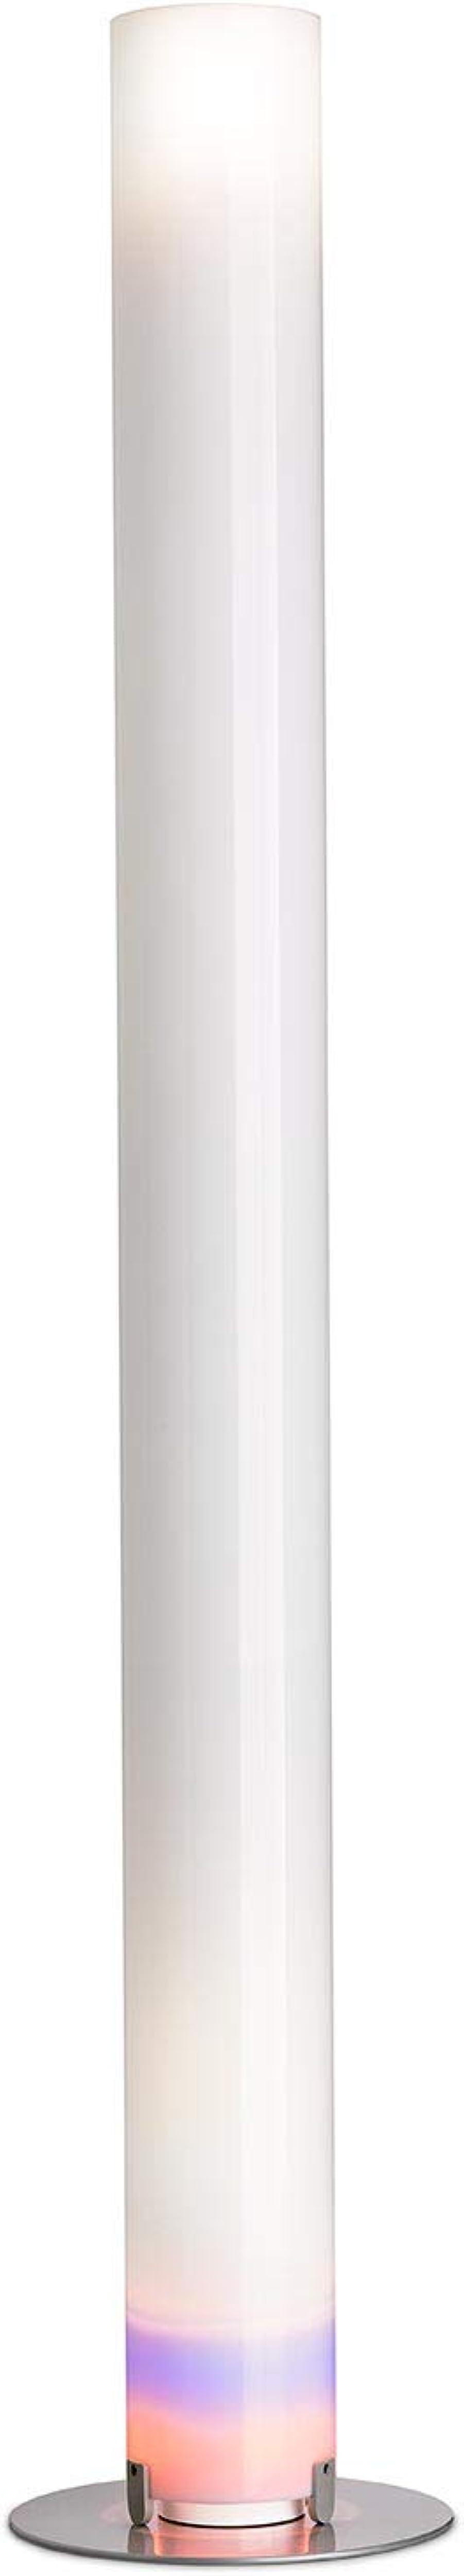 Flos stylos lampada da terra in pmma e acciaio F6310004